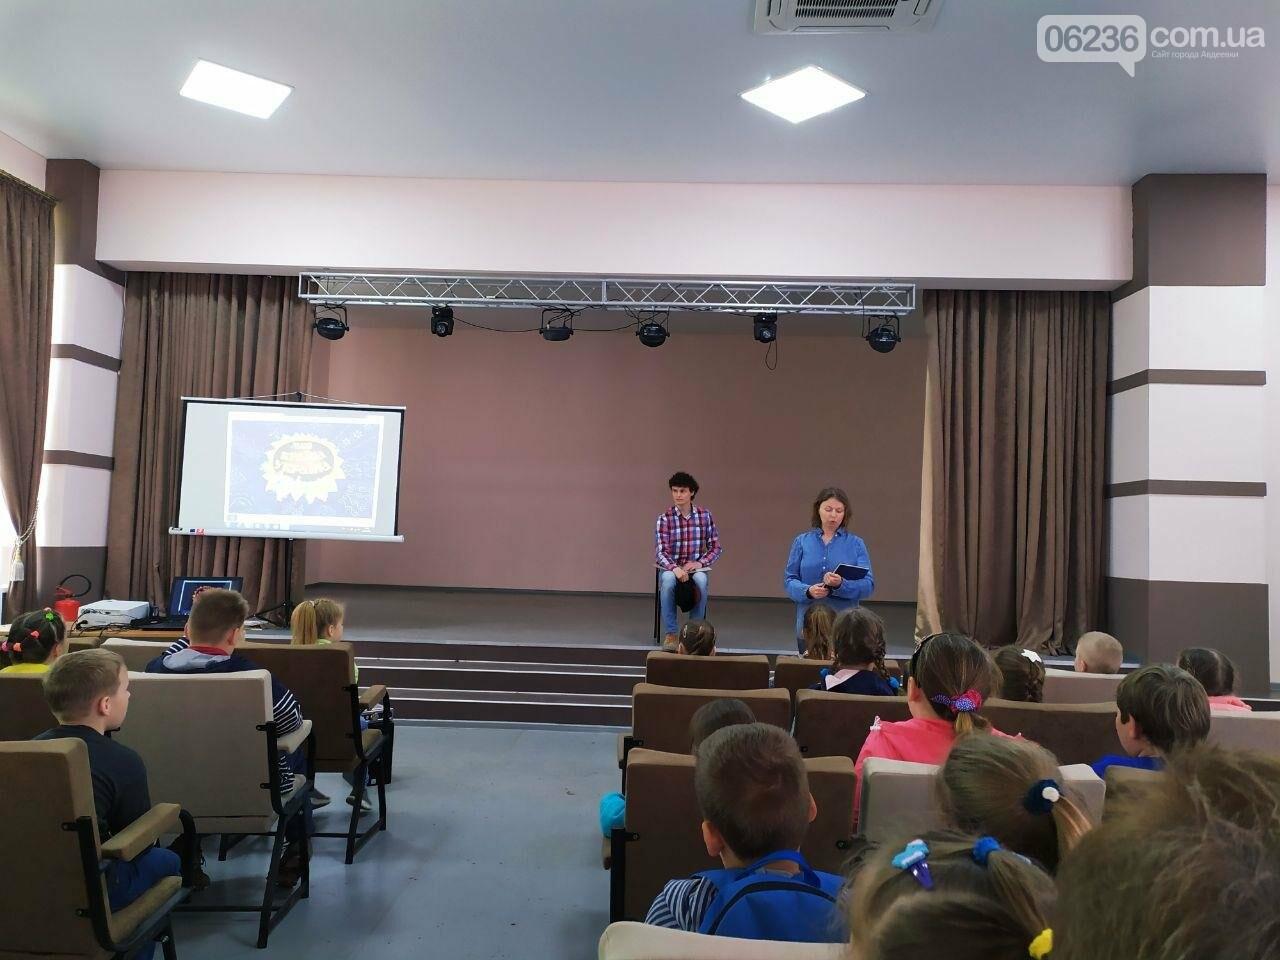 Авдеевка ФМ: детские писатели Сашко Дерманский и Лана Ра встретились с авдеевскими читателями (ФОТО), фото-4